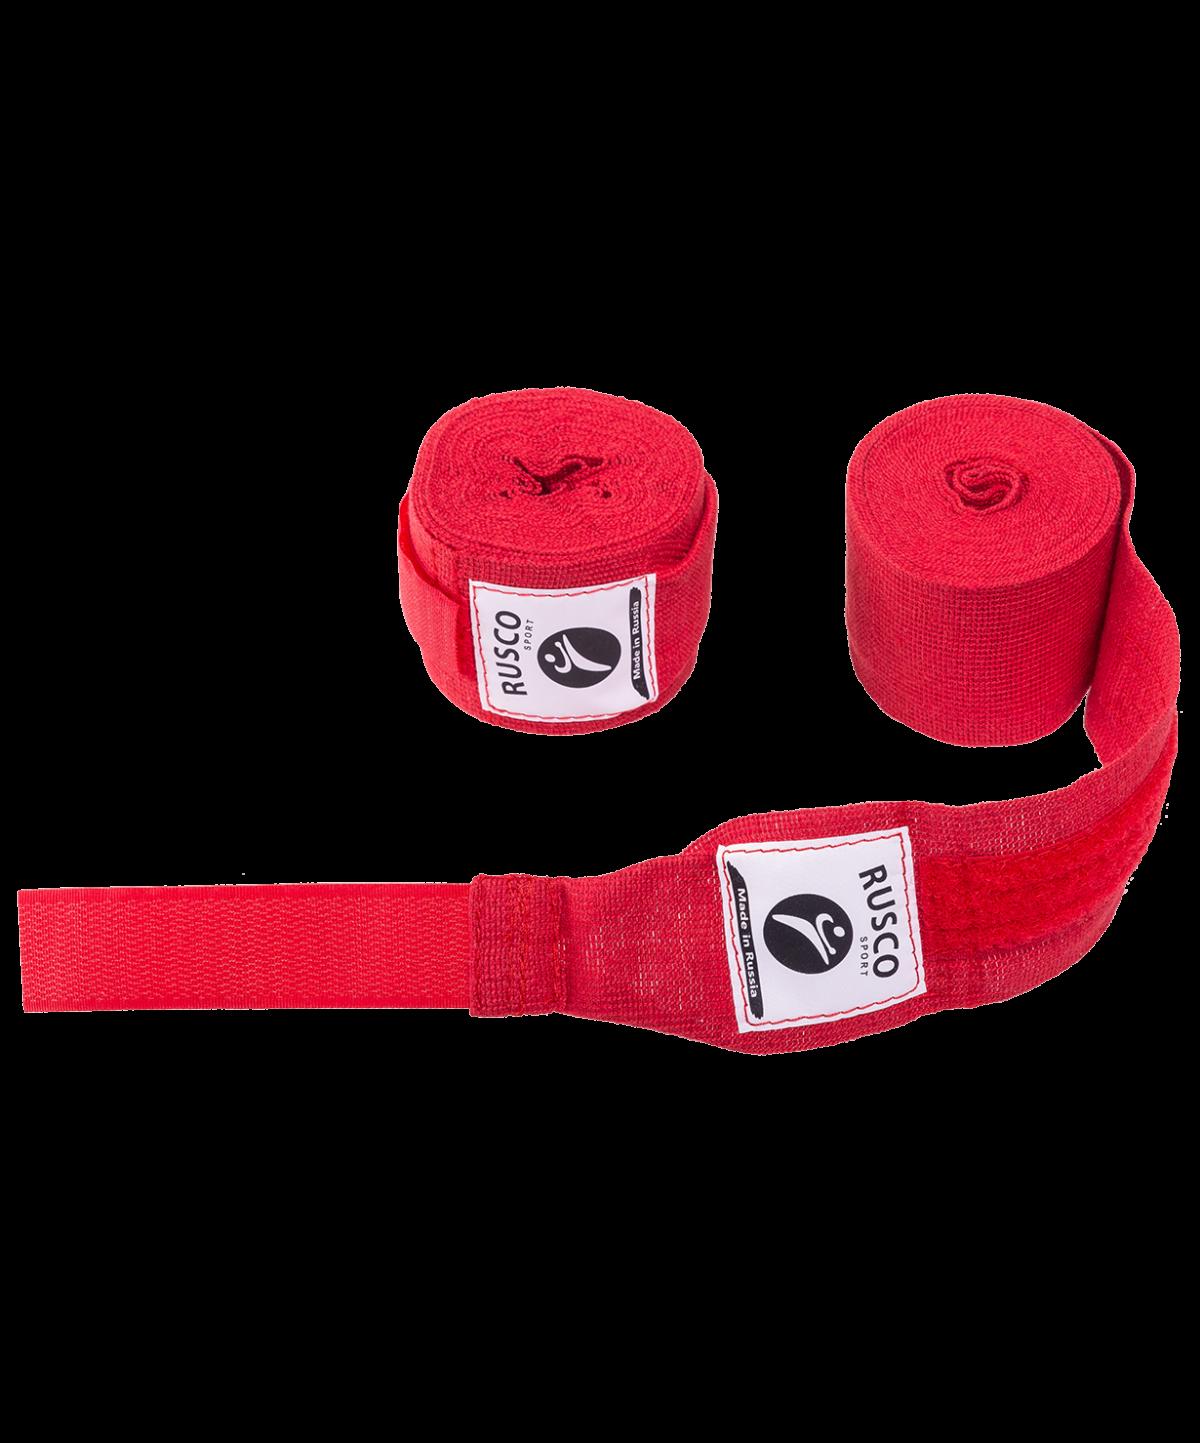 RUSCO Бинт боксерский, 2,5м, хлопок  126: красный - 1